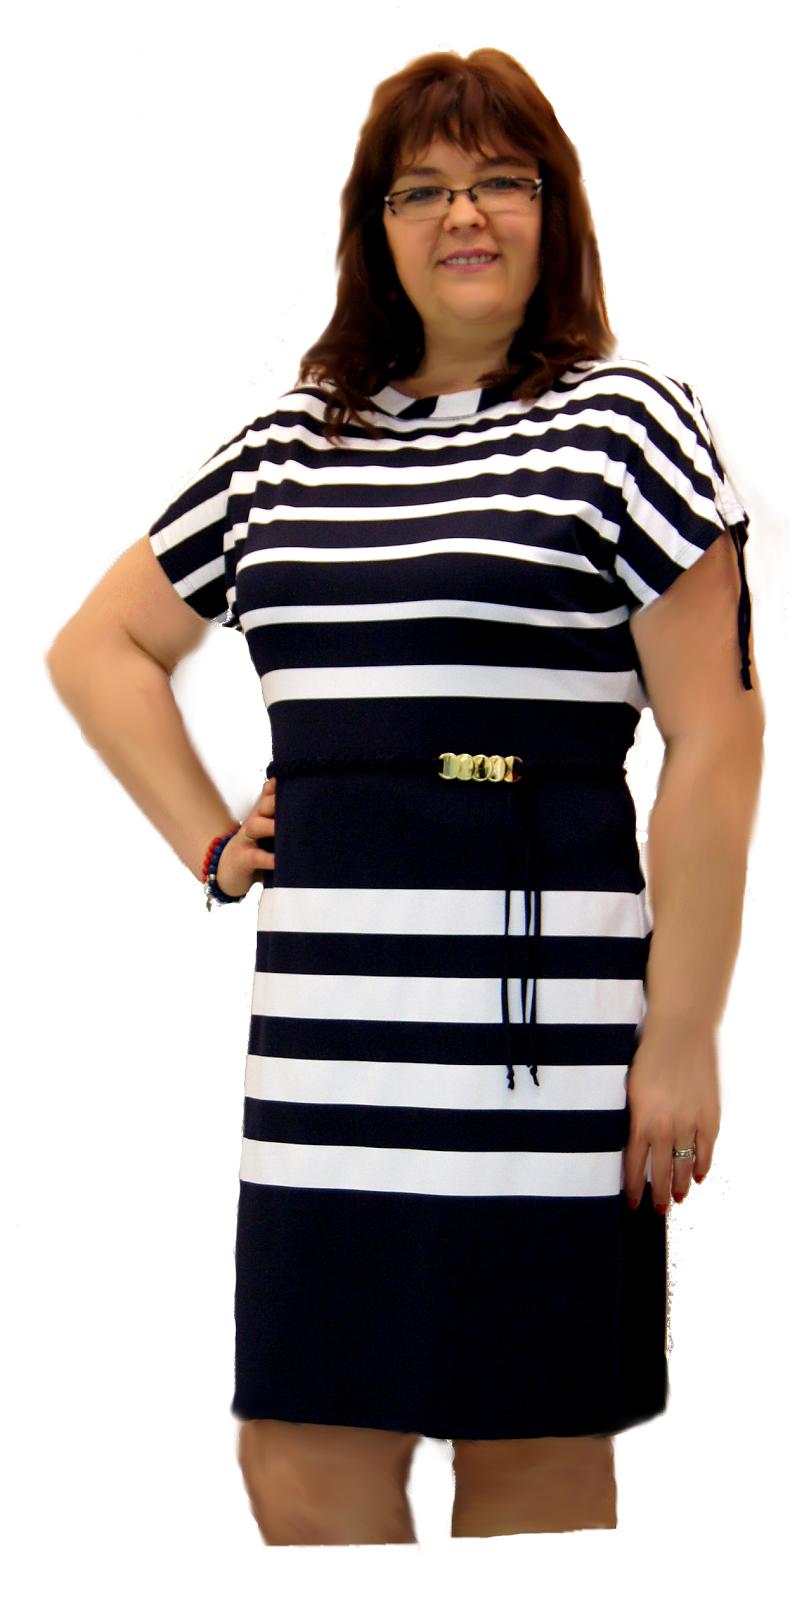 538f556b2b Moda dla puszystych  Wyszczuplająca sukienka dla puszystych pań w ...